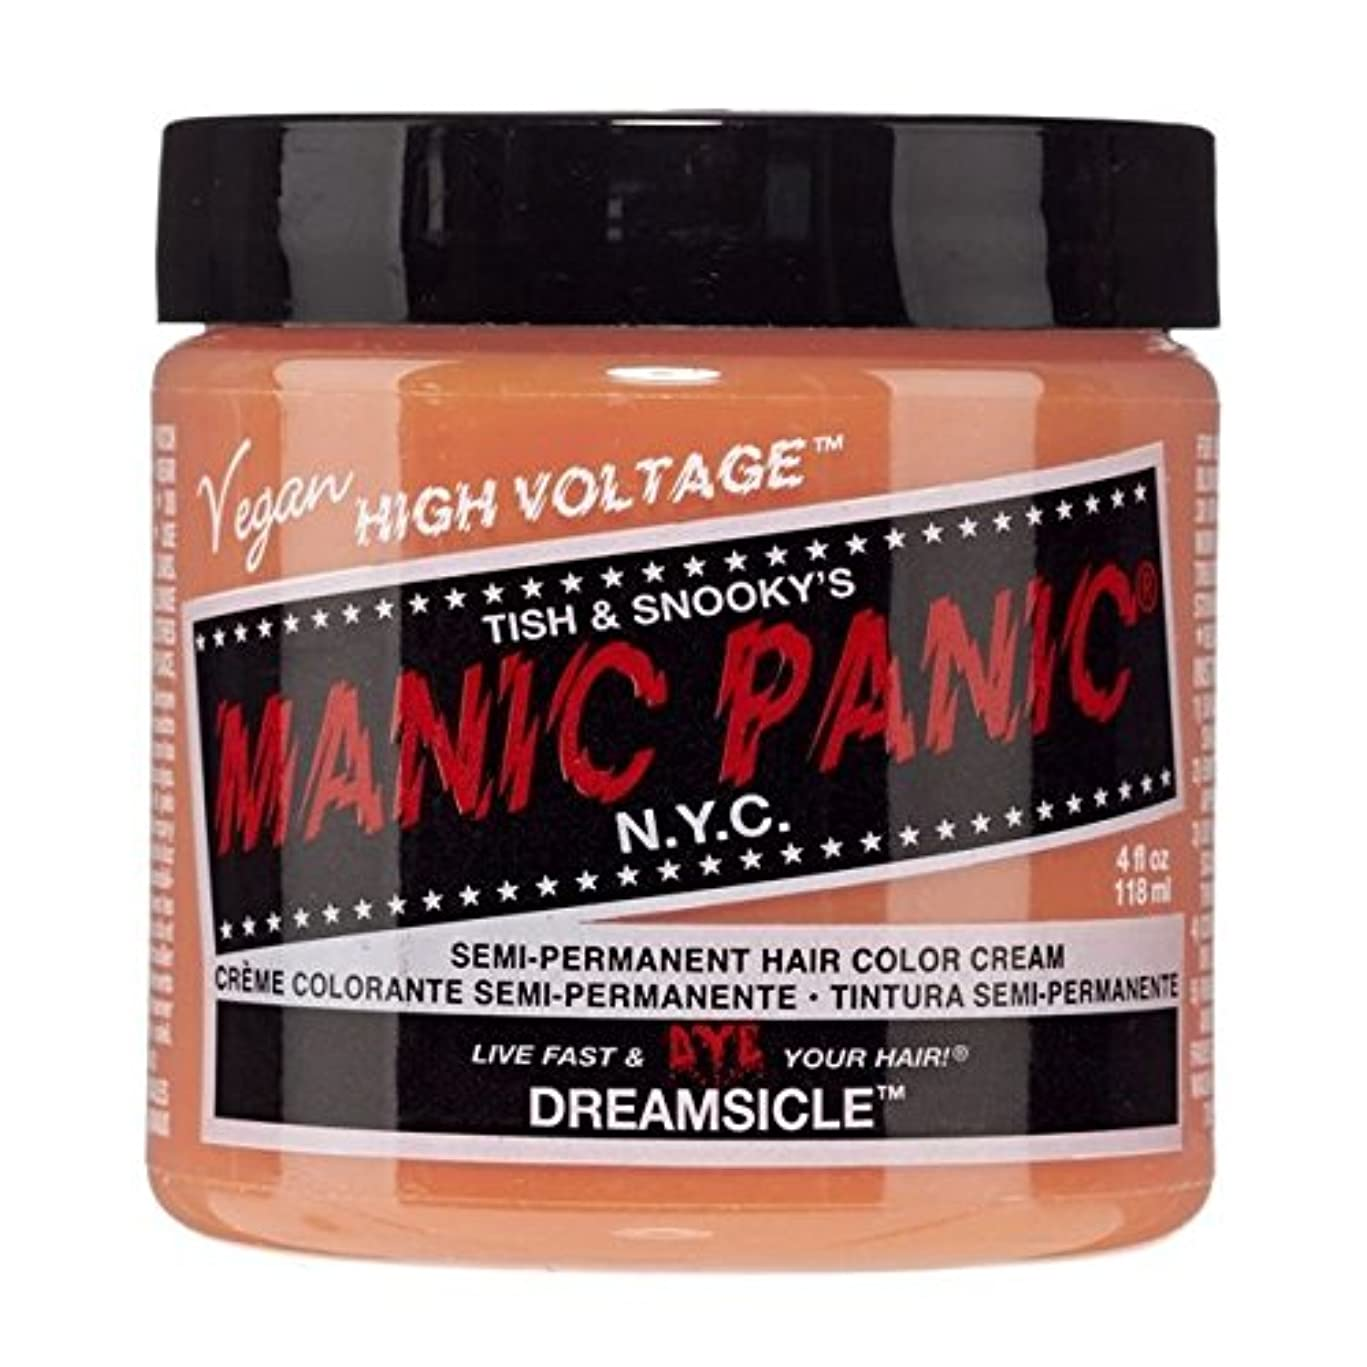 ペイントメジャーリレースペシャルセットMANIC PANICマニックパニック:DREAMSICLE (ドリームサイクル)+ヘアカラーケア4点セット